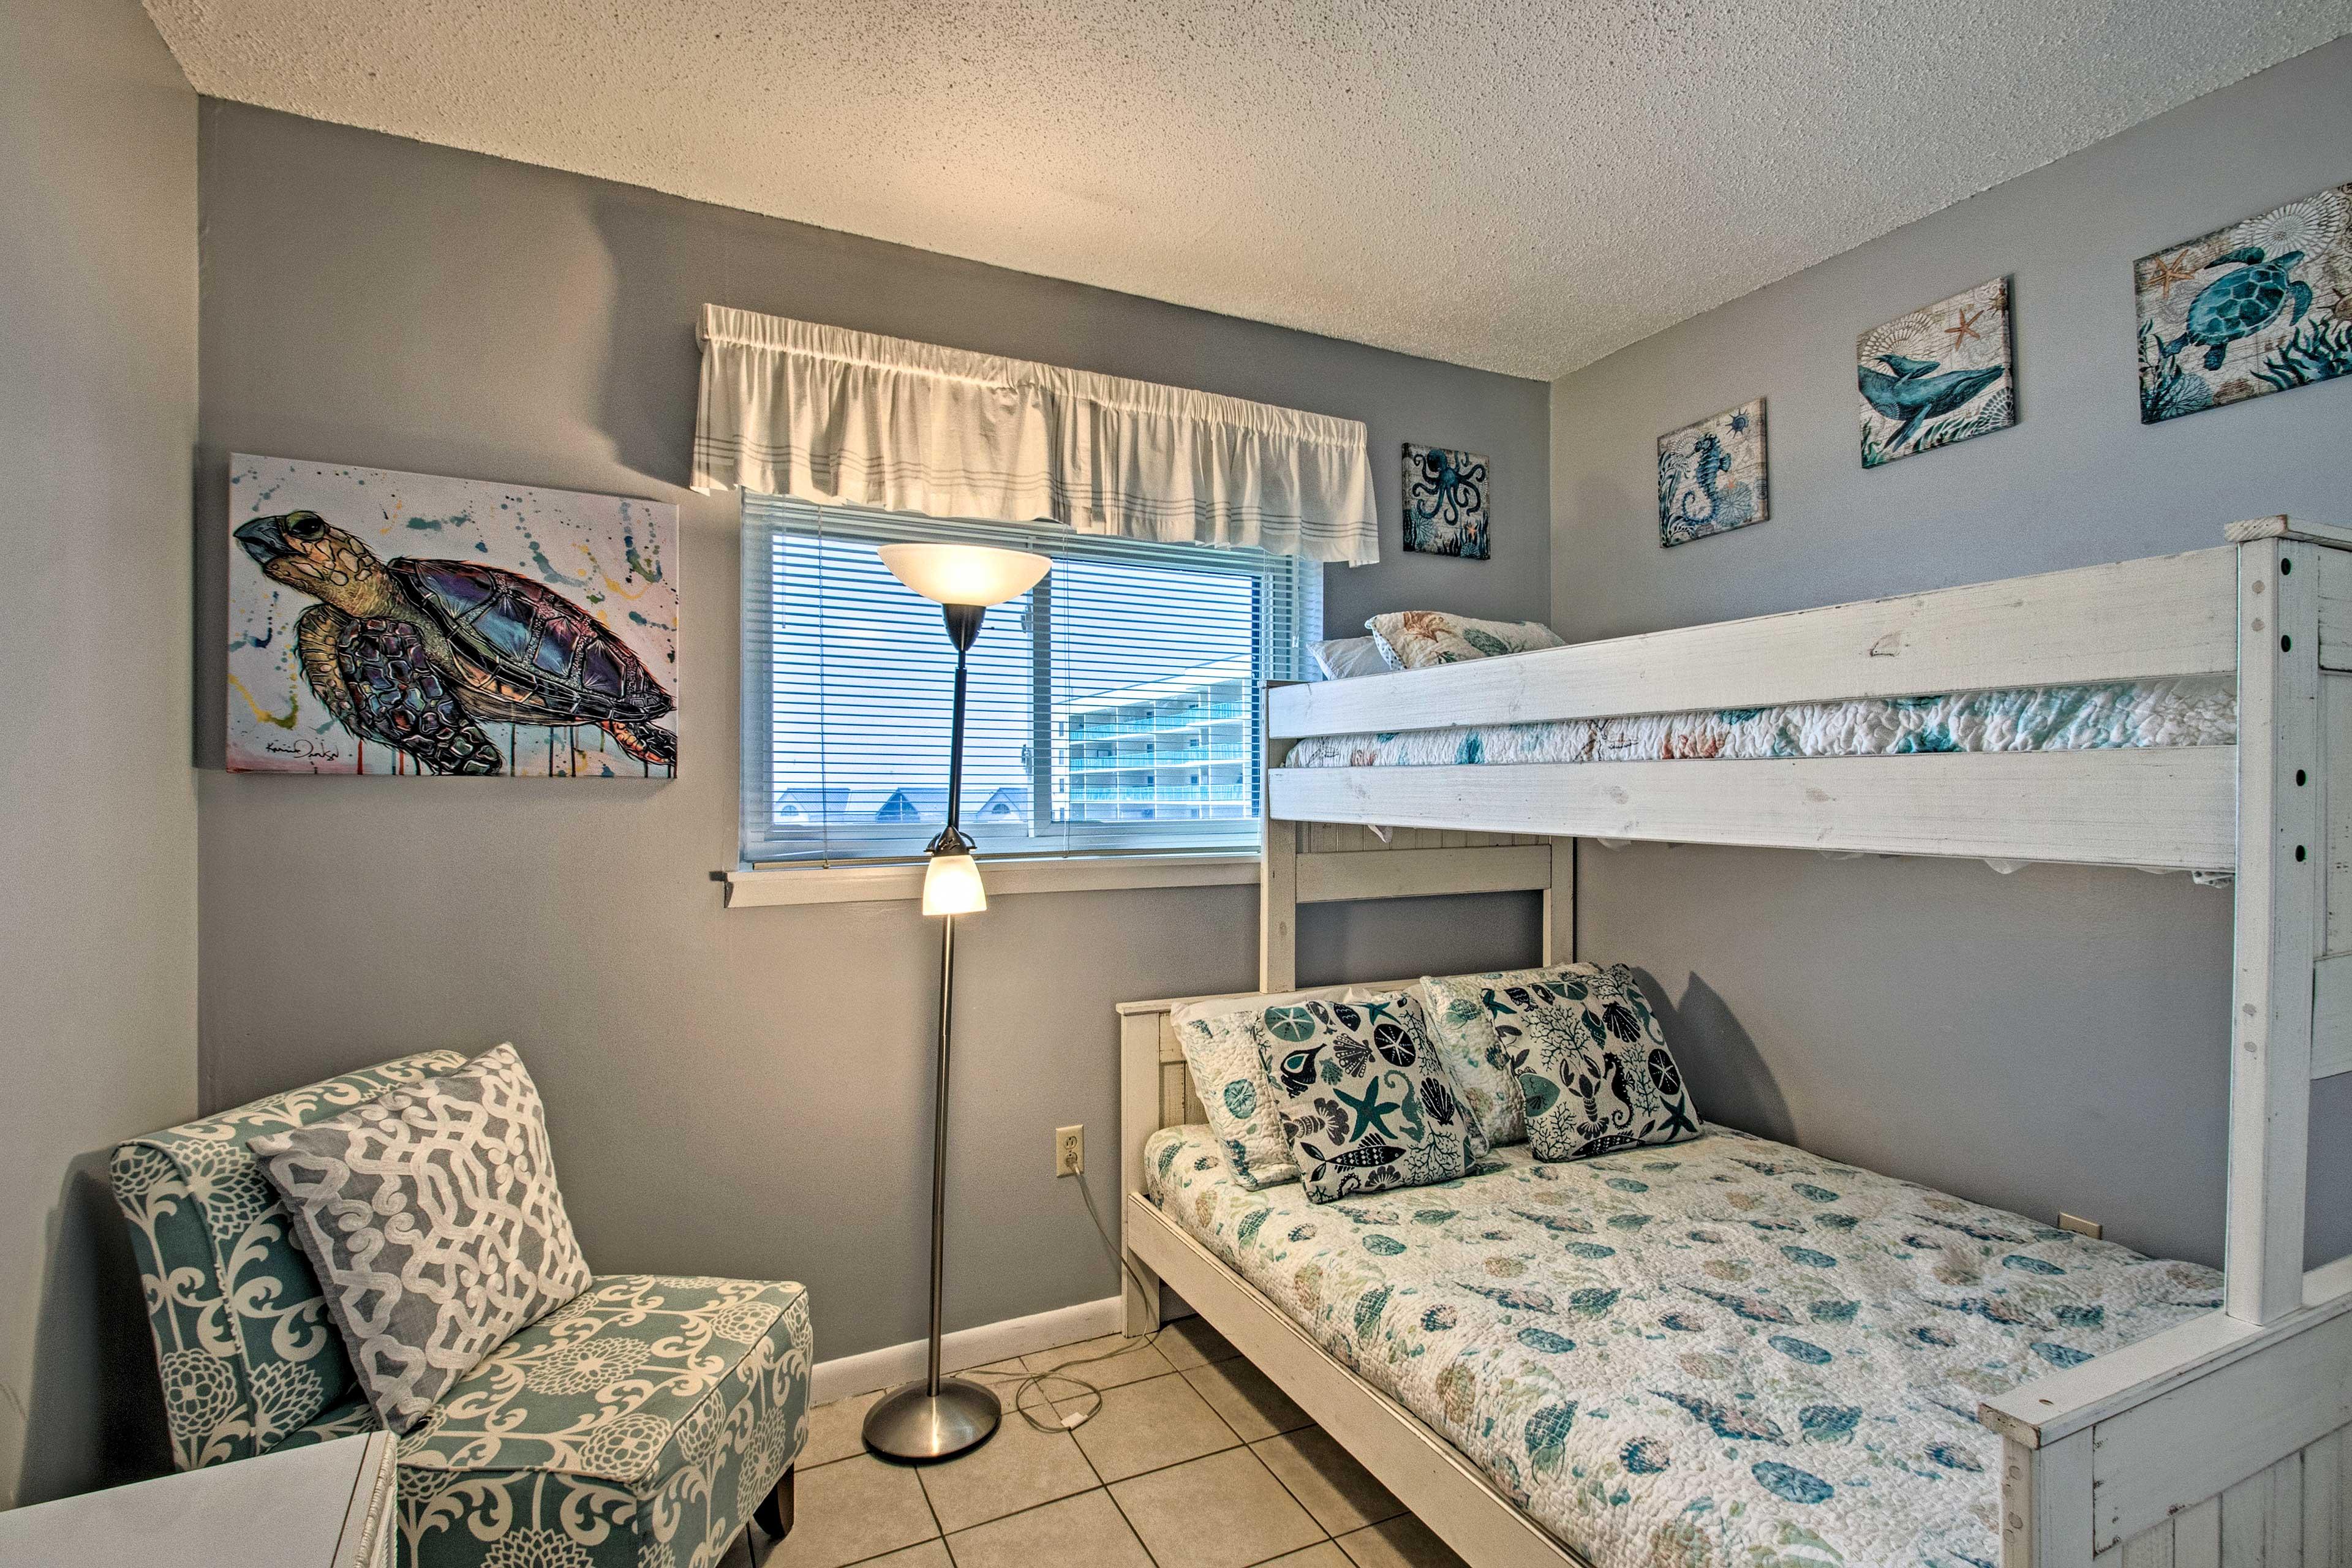 Bedroom 2 | Twin/Full Bunk Bed